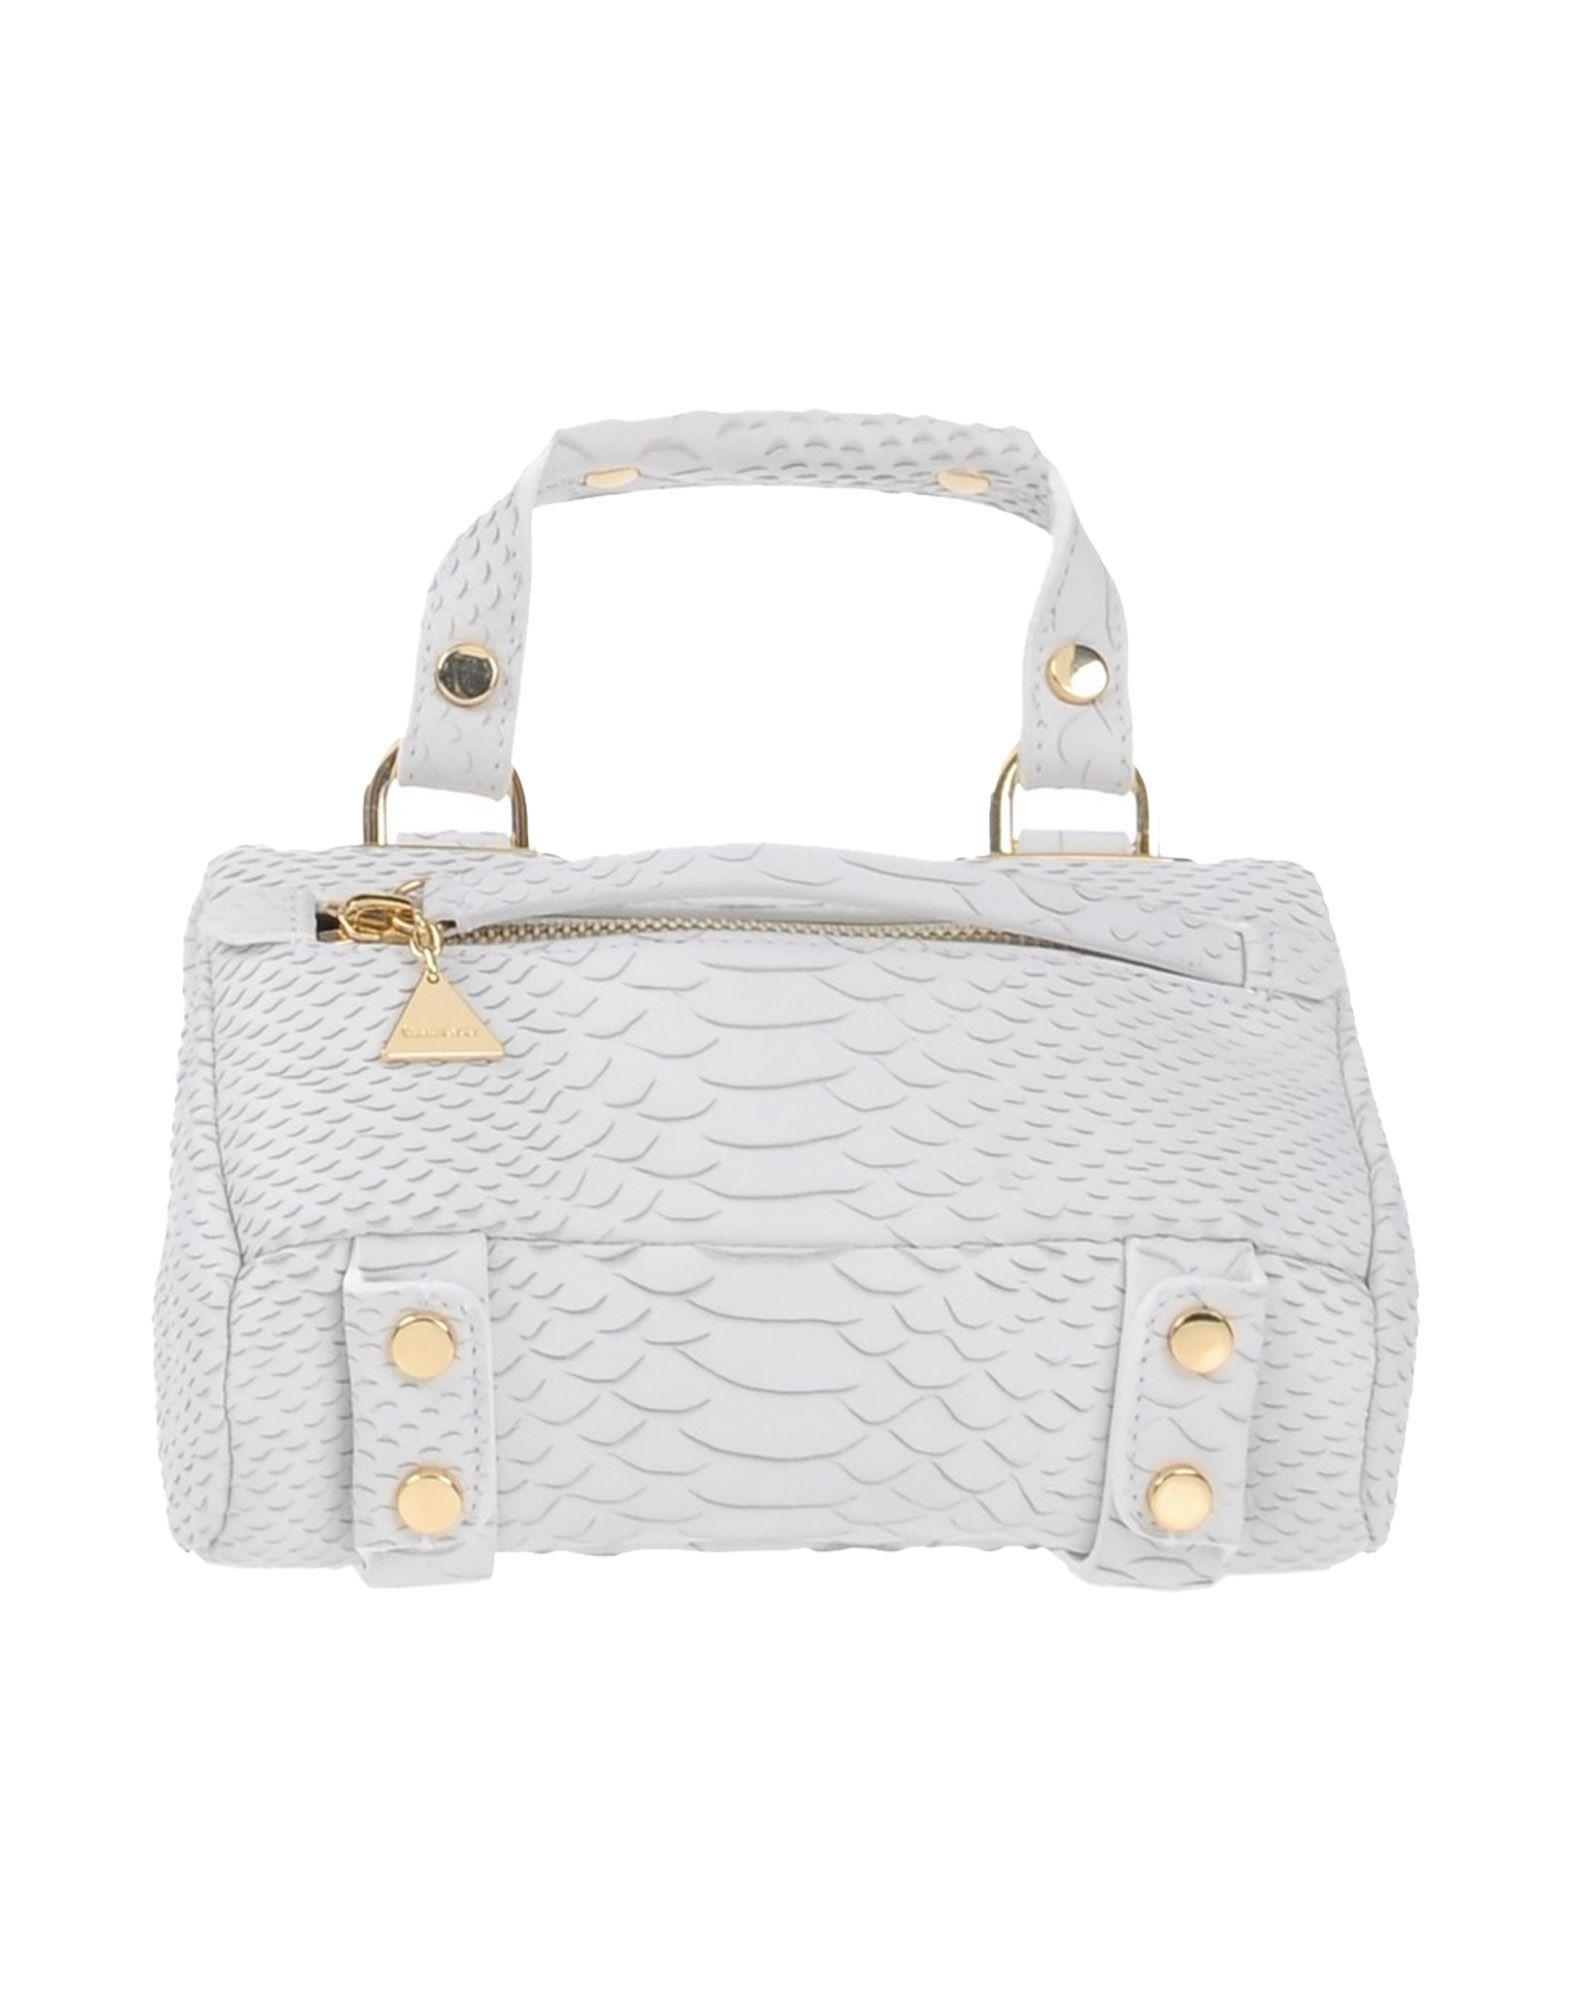 golden lane female golden lane handbags